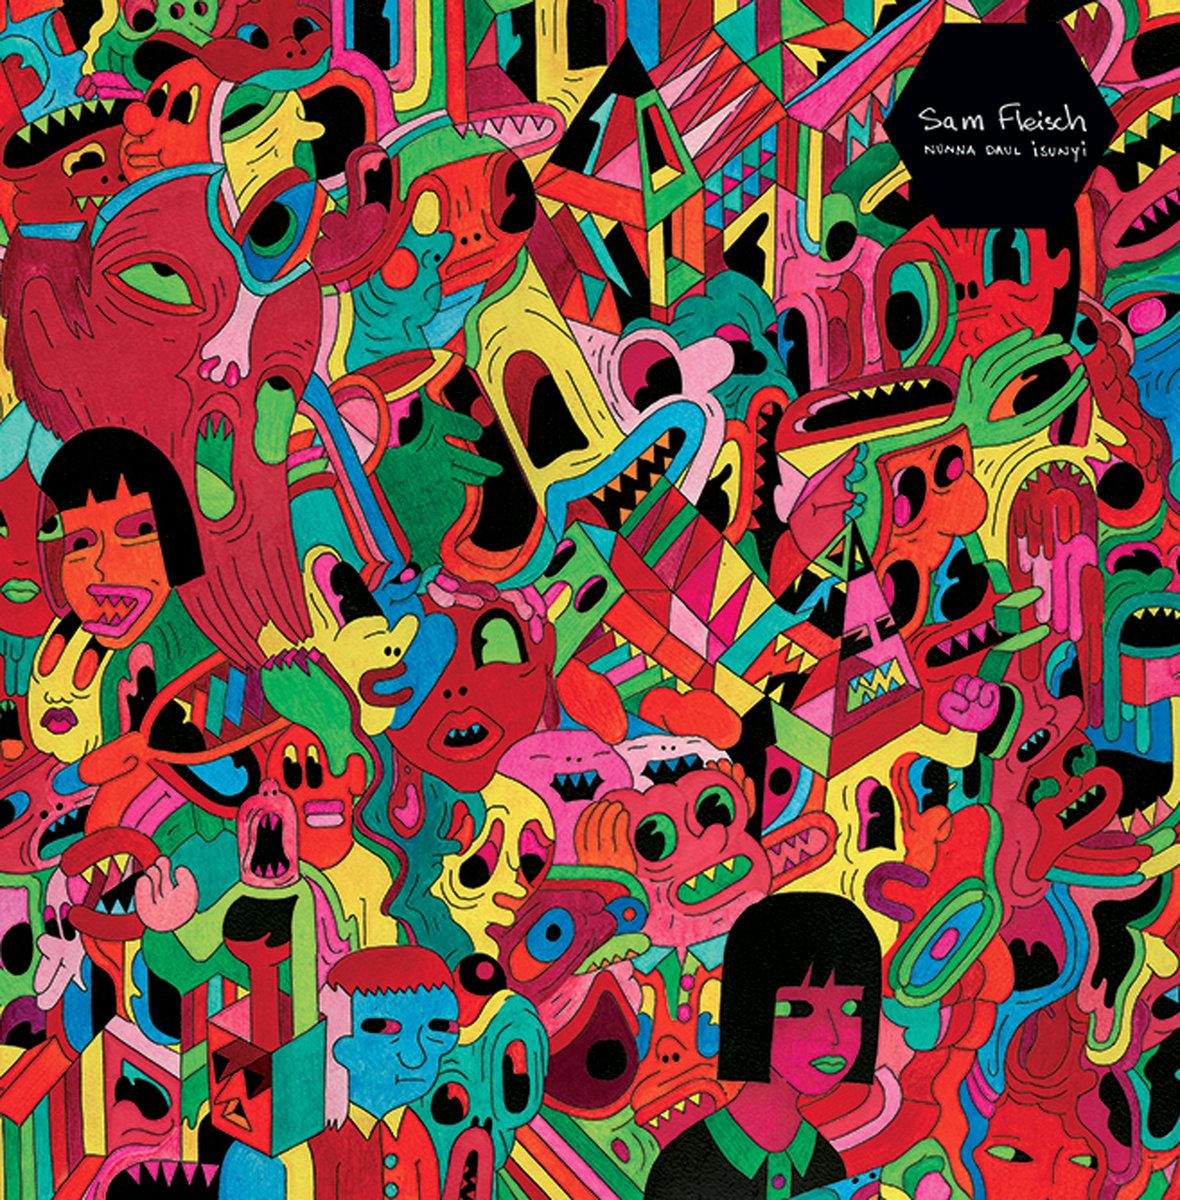 SAM FLEISCH Nunna Daul Isunyi – Vinyl LP (black)